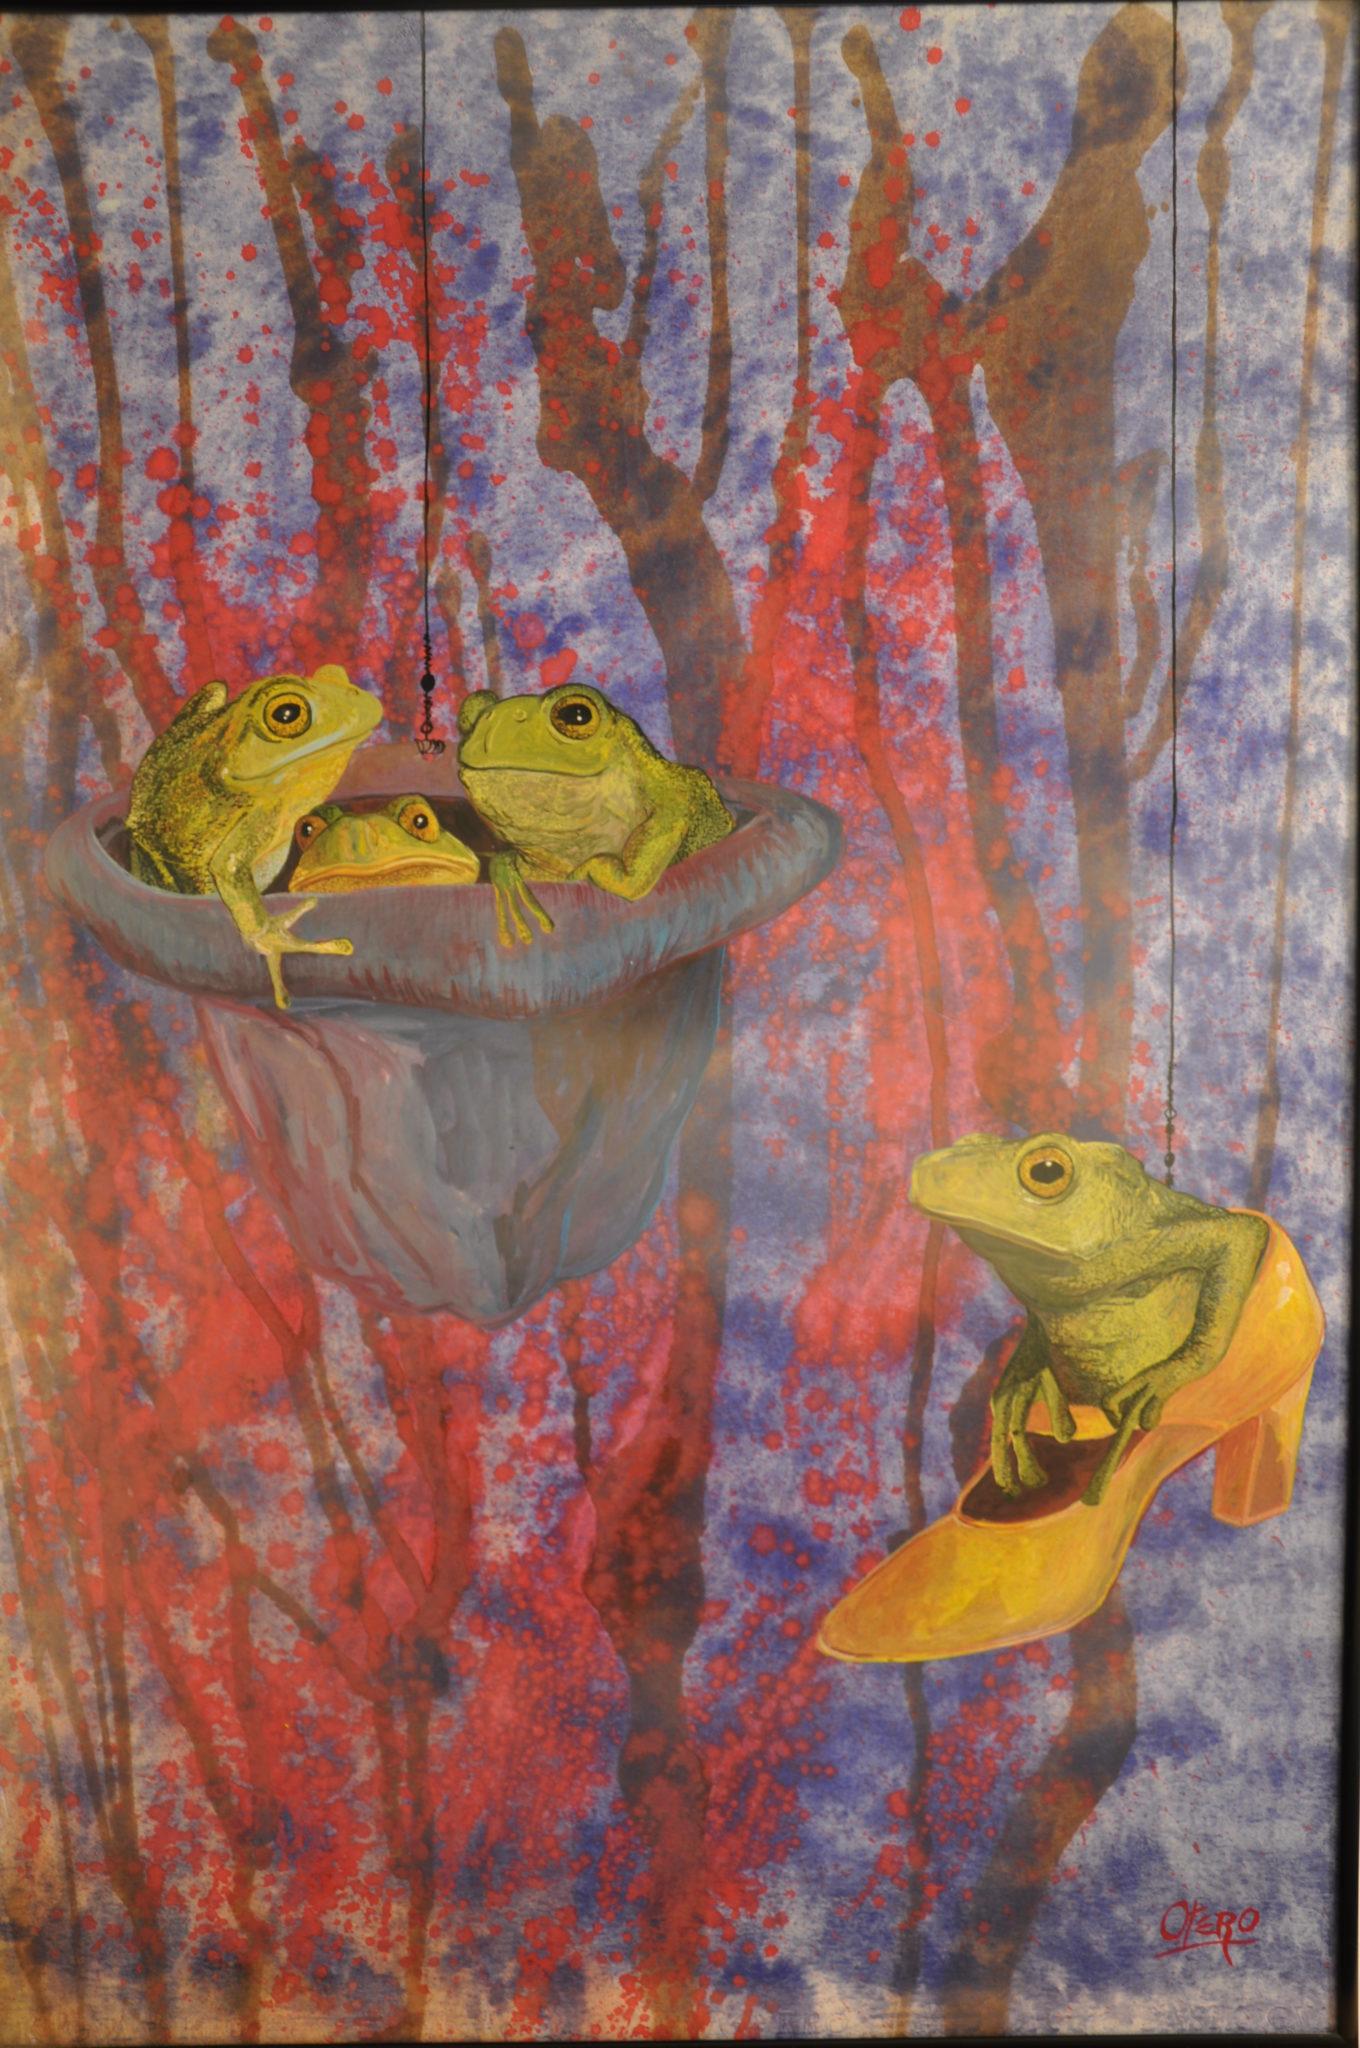 El bosque encantado, 1994.Gouache sobre cartulina Basik 50x 70 cms. Bego Otero. www.oteroart.com